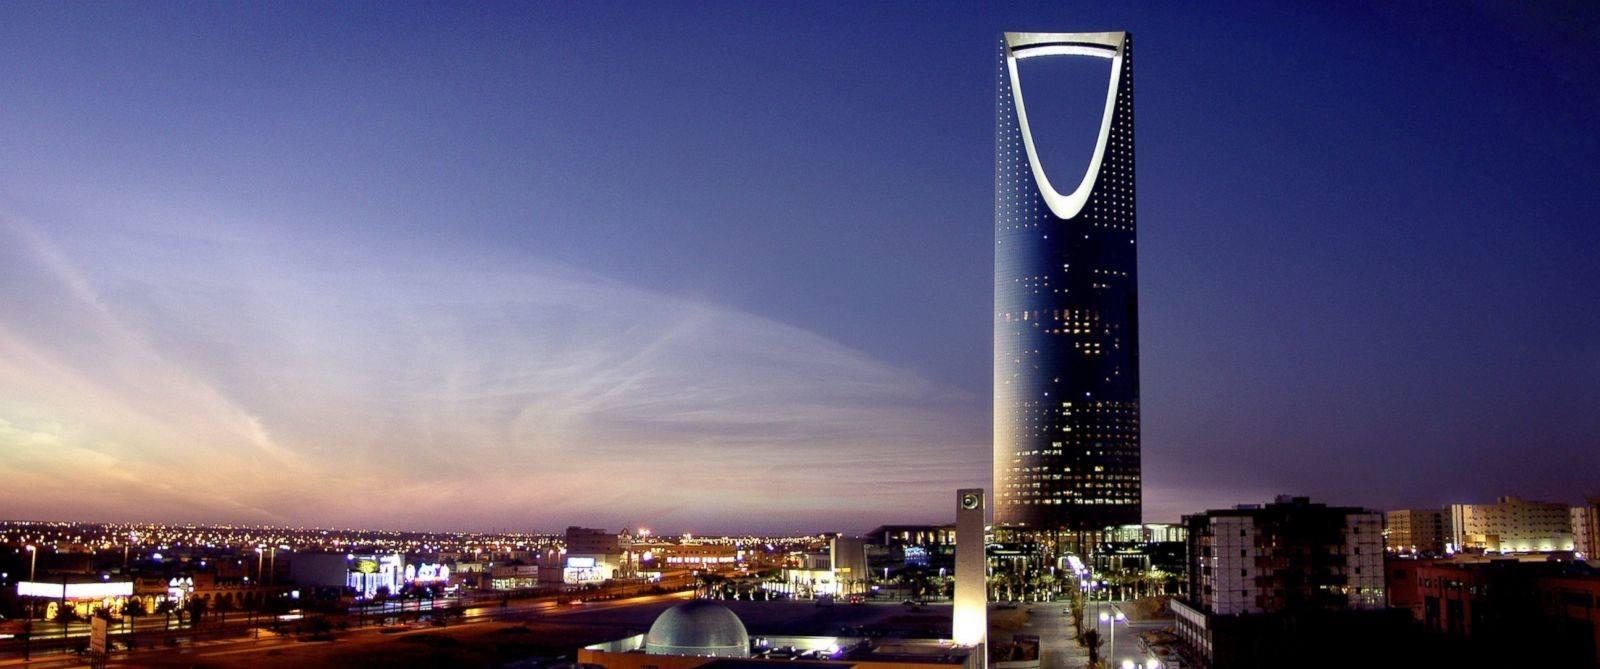 قائمة أقوى الشركات السعودية